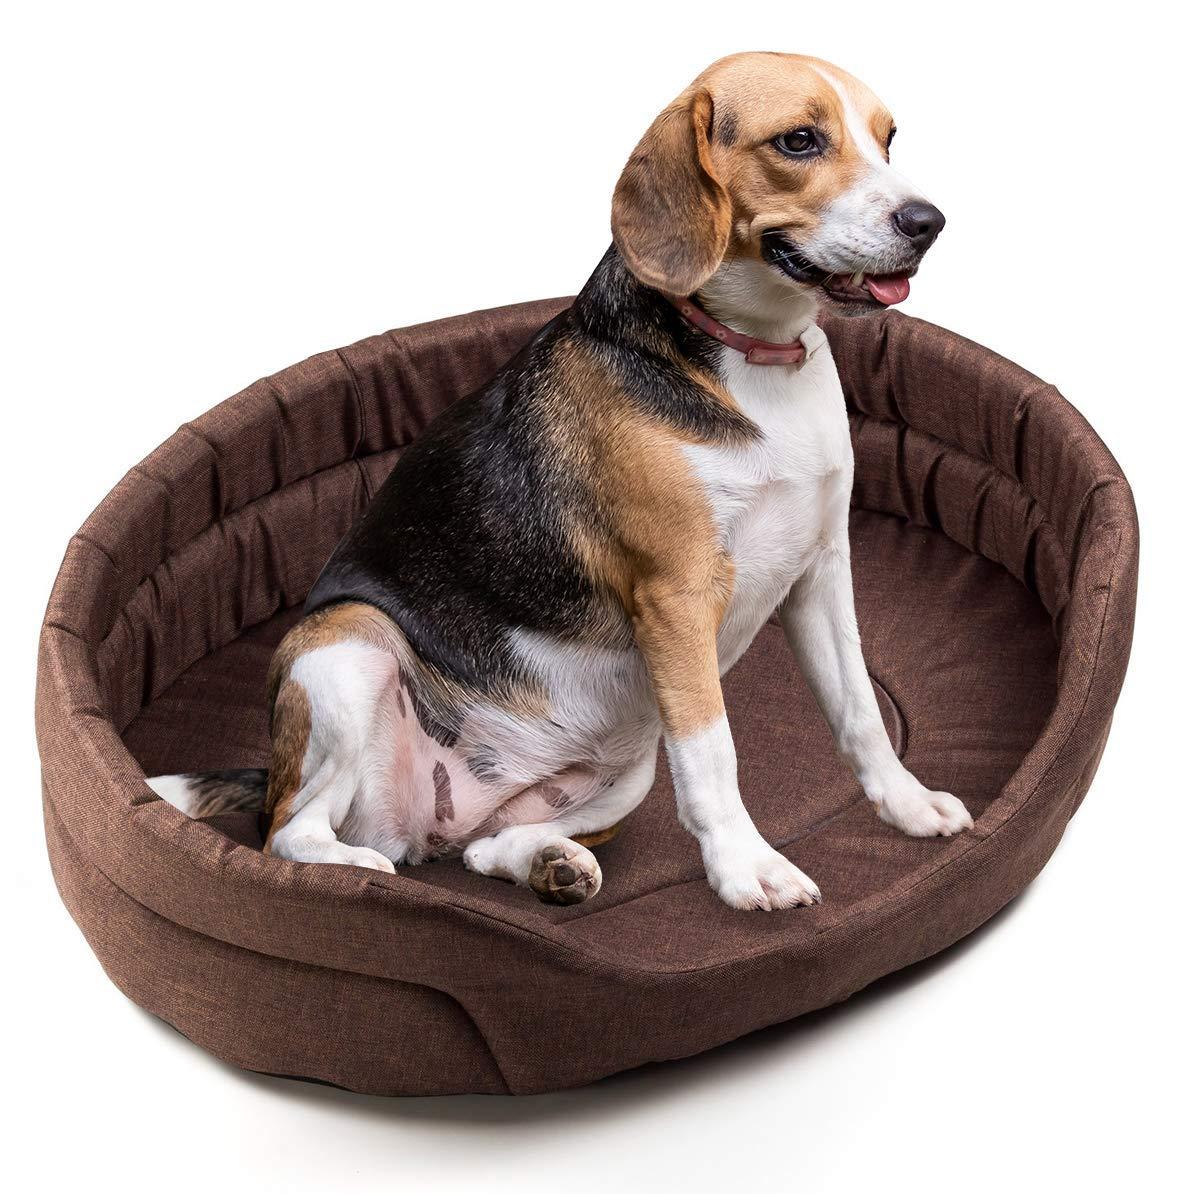 Boutique Zoo – Elegante Cama para Perros/marrón, Aspecto de Lino/Cama para Perros para pequeñas/Medianas/Perros Grandes | sofá, Perros – Cojín para Perros | XS, S, M, L, XL, XXL, XXXL: Amazon.es: Productos